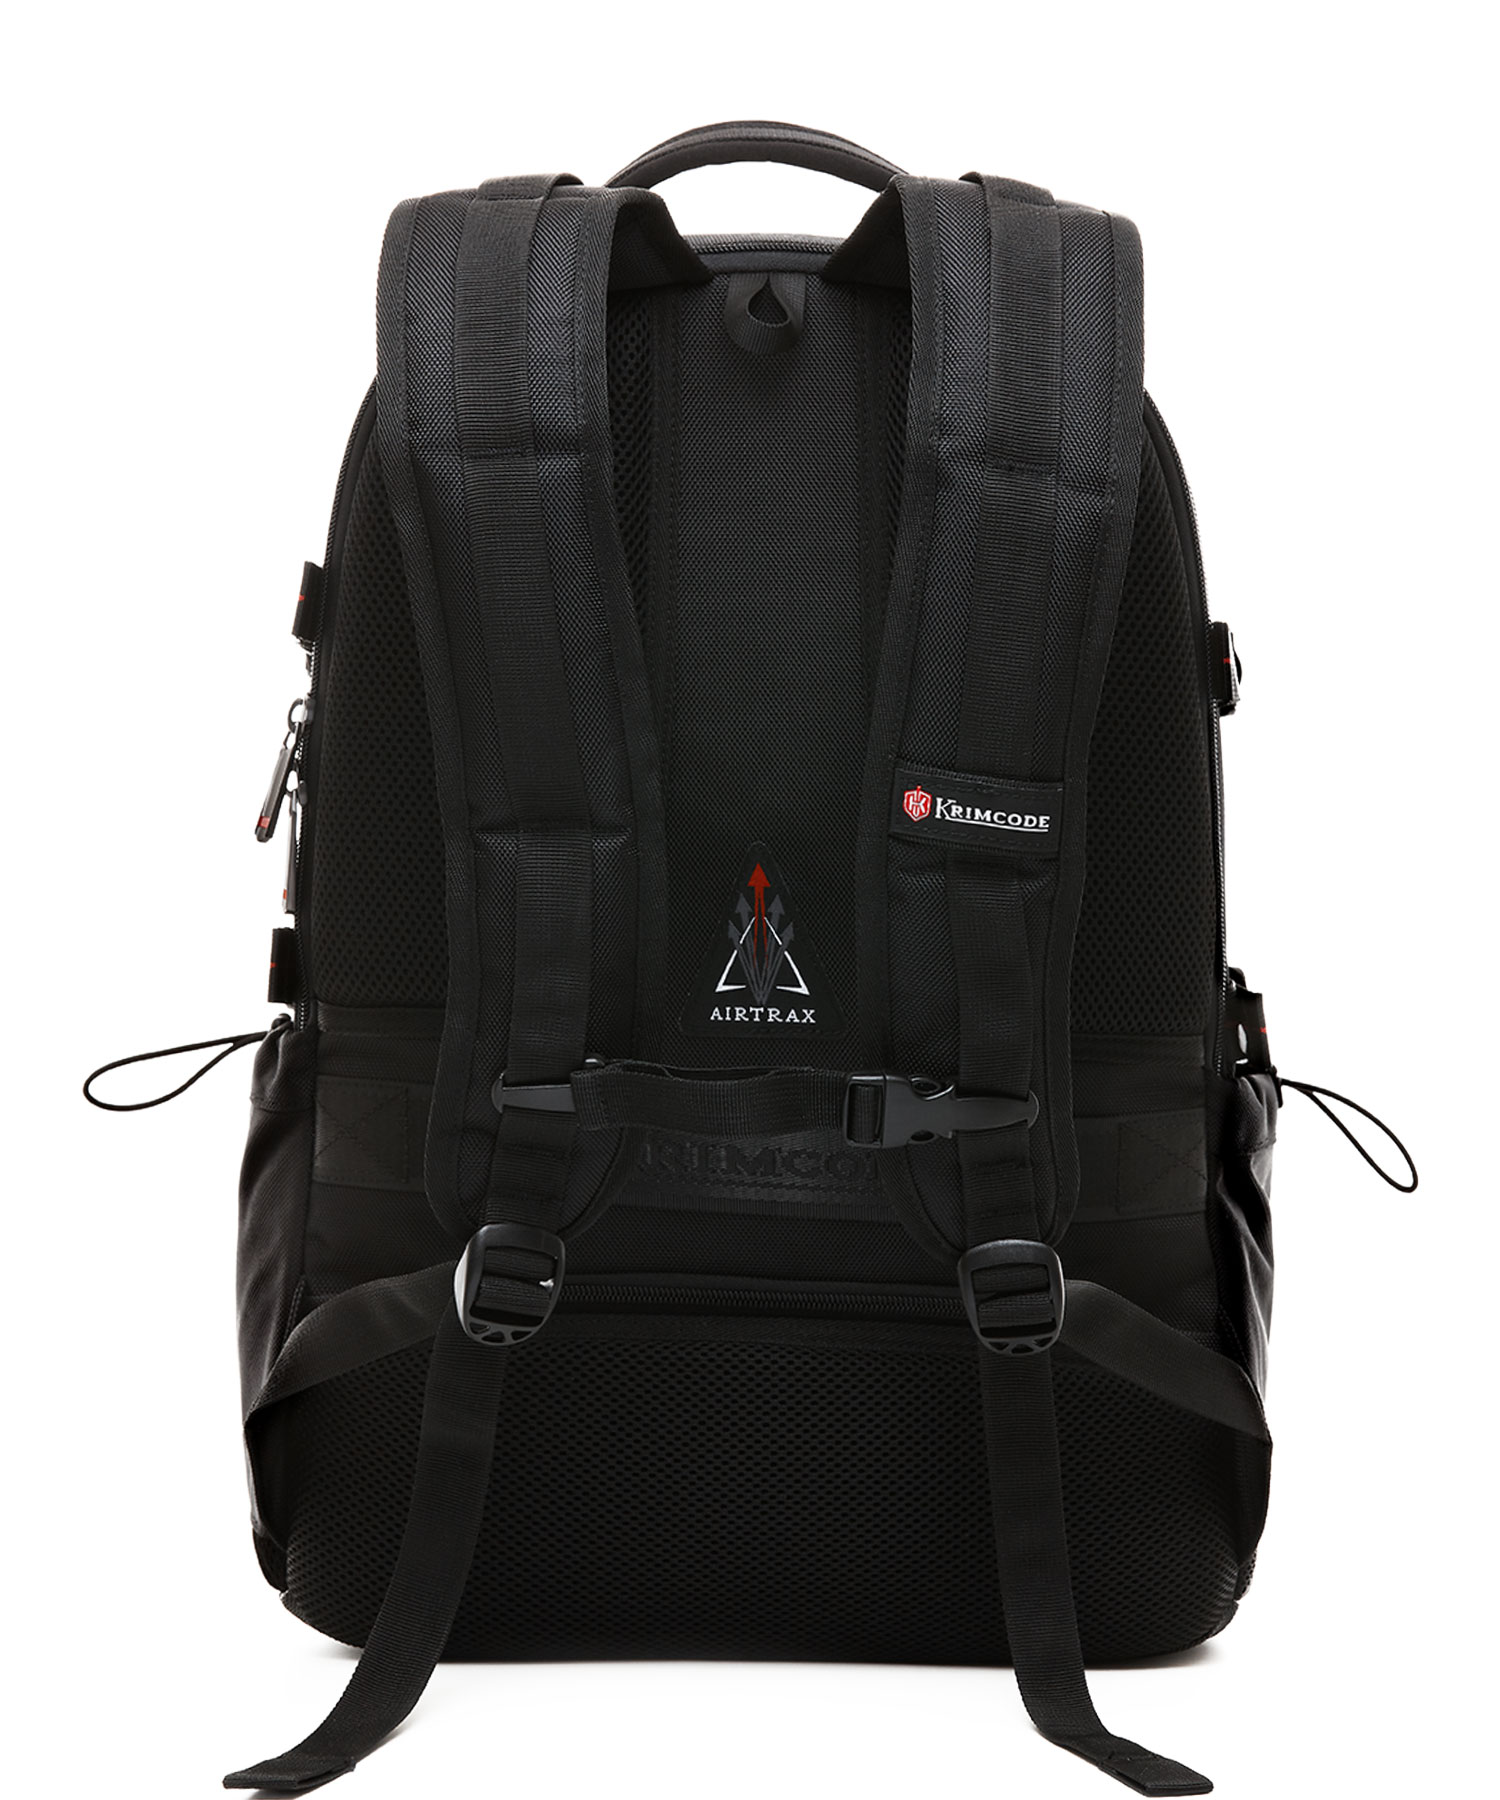 Krimcode Business Formal Notebook Backpack Back